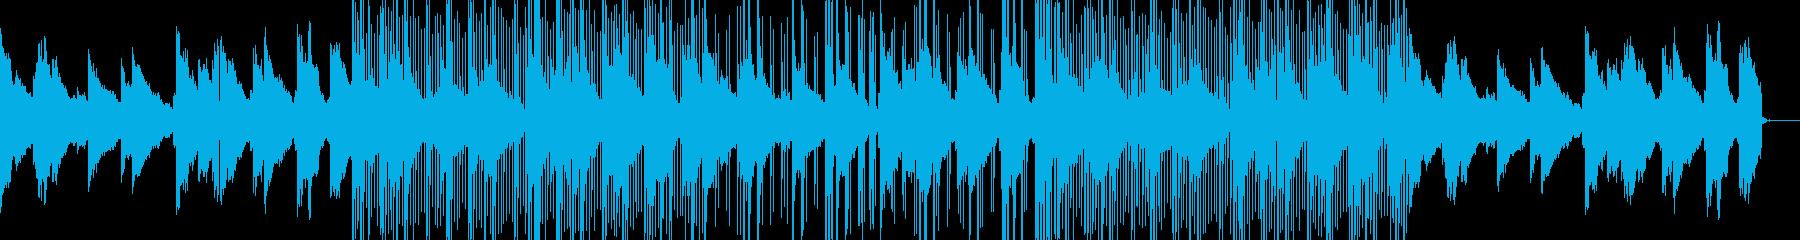 優しさ漂うlo-fi hip hopの再生済みの波形